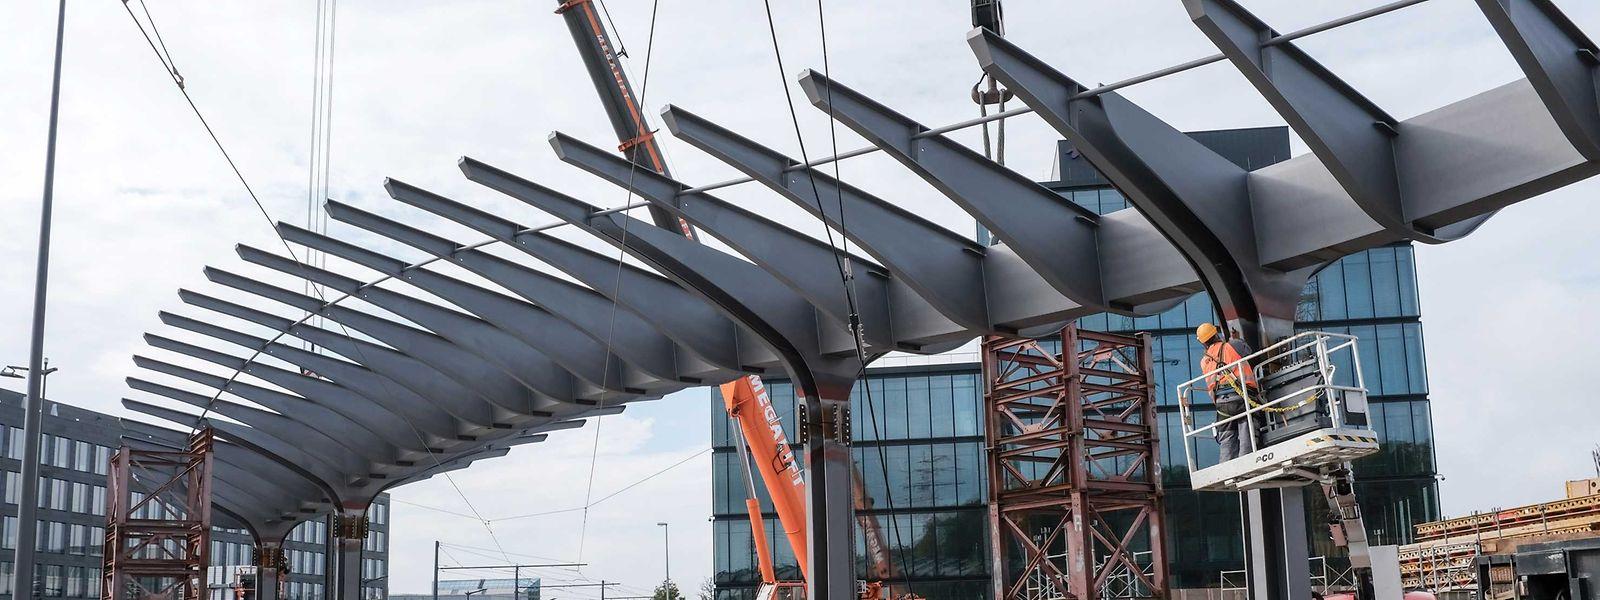 La structure métallique mesure 60 mètres de long et 15 mètres de large.